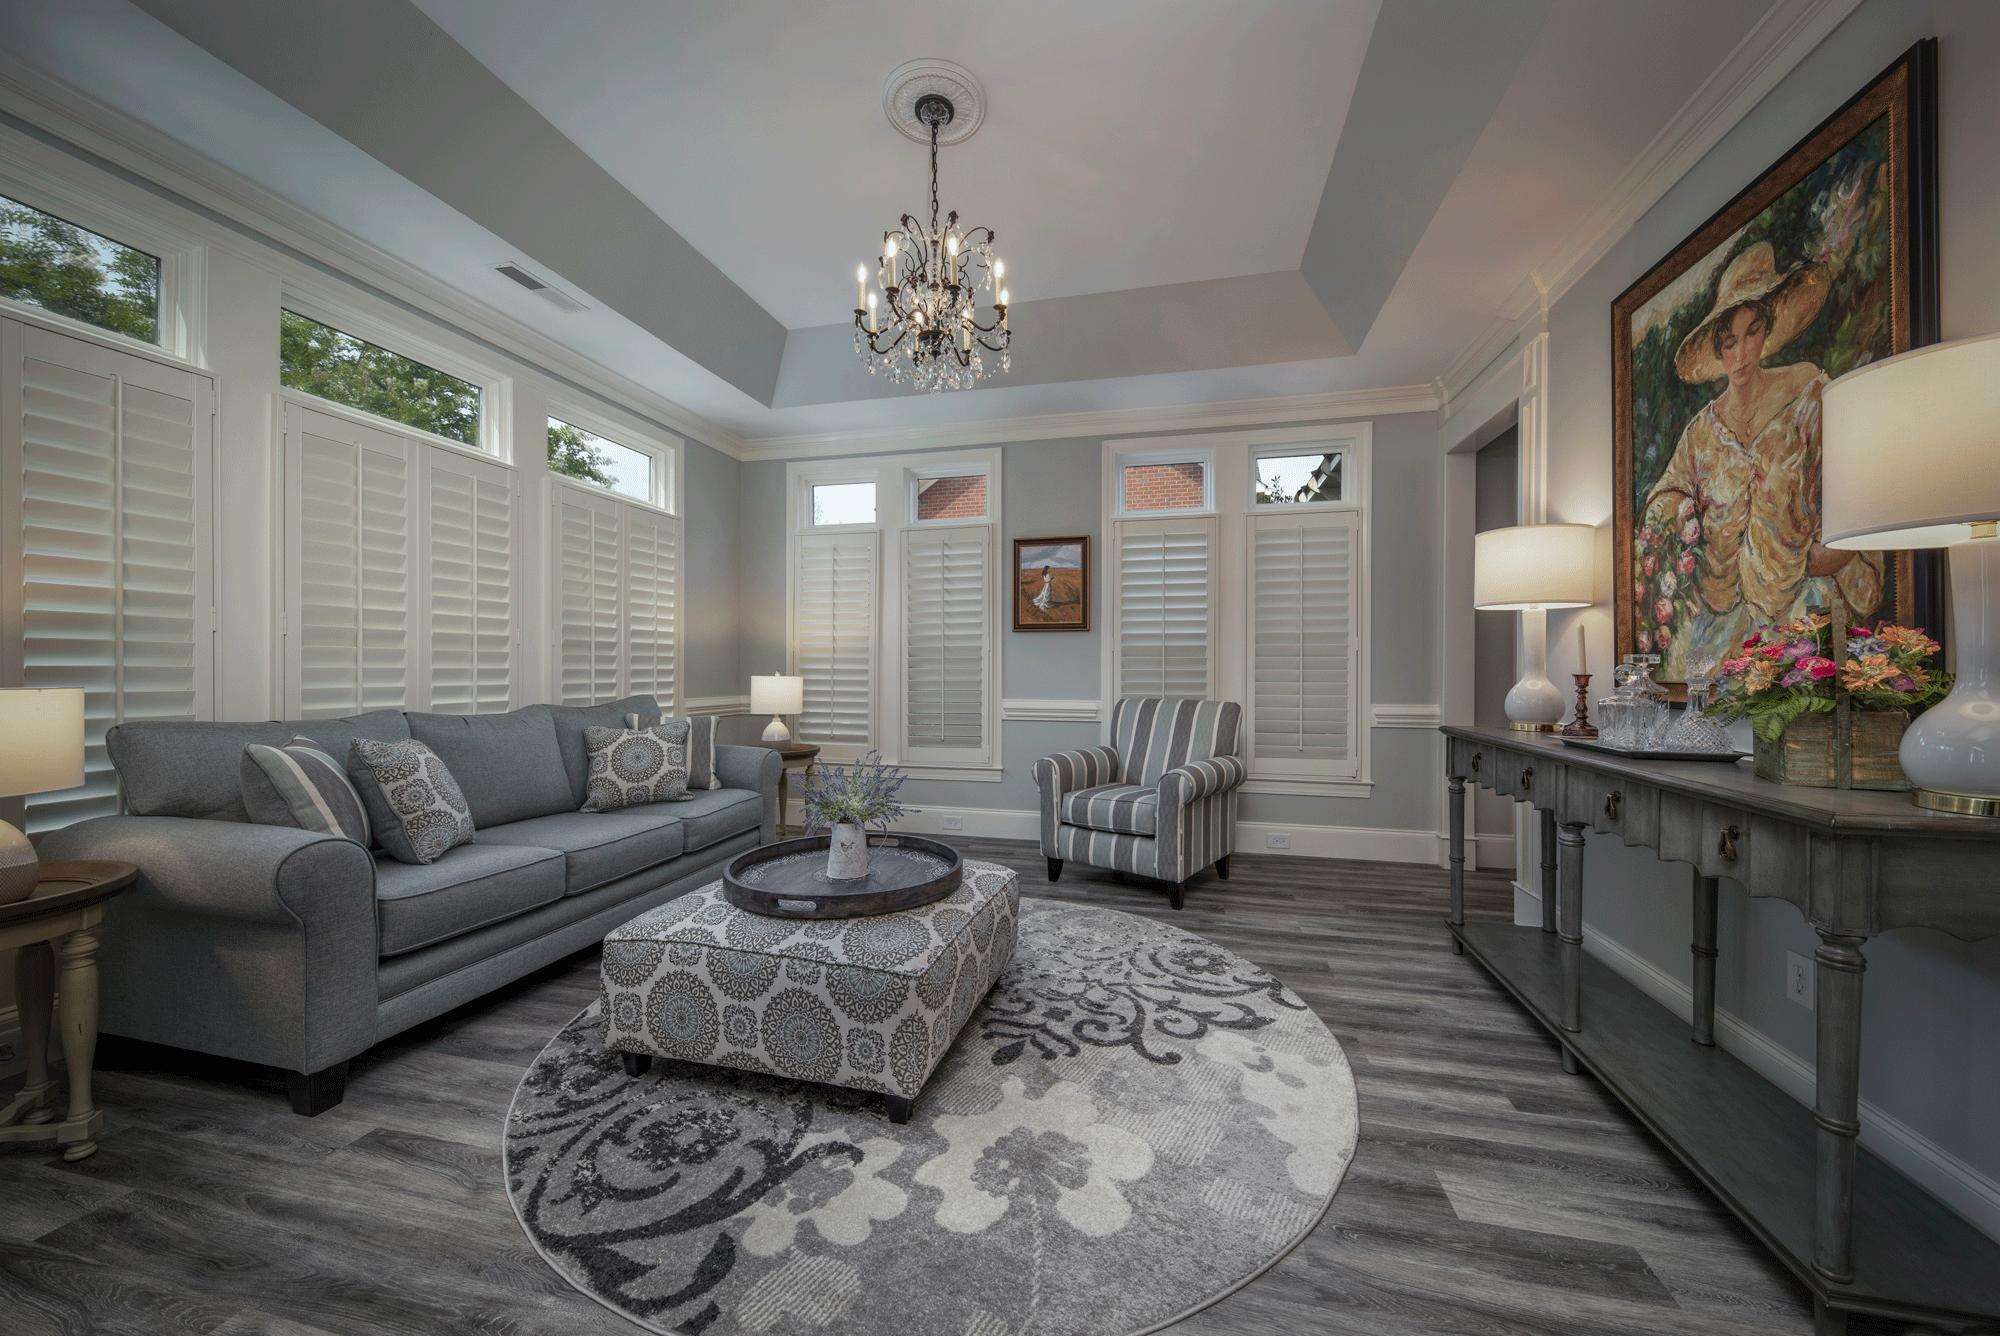 Living room design with furniture, decor, chandelier, artwork